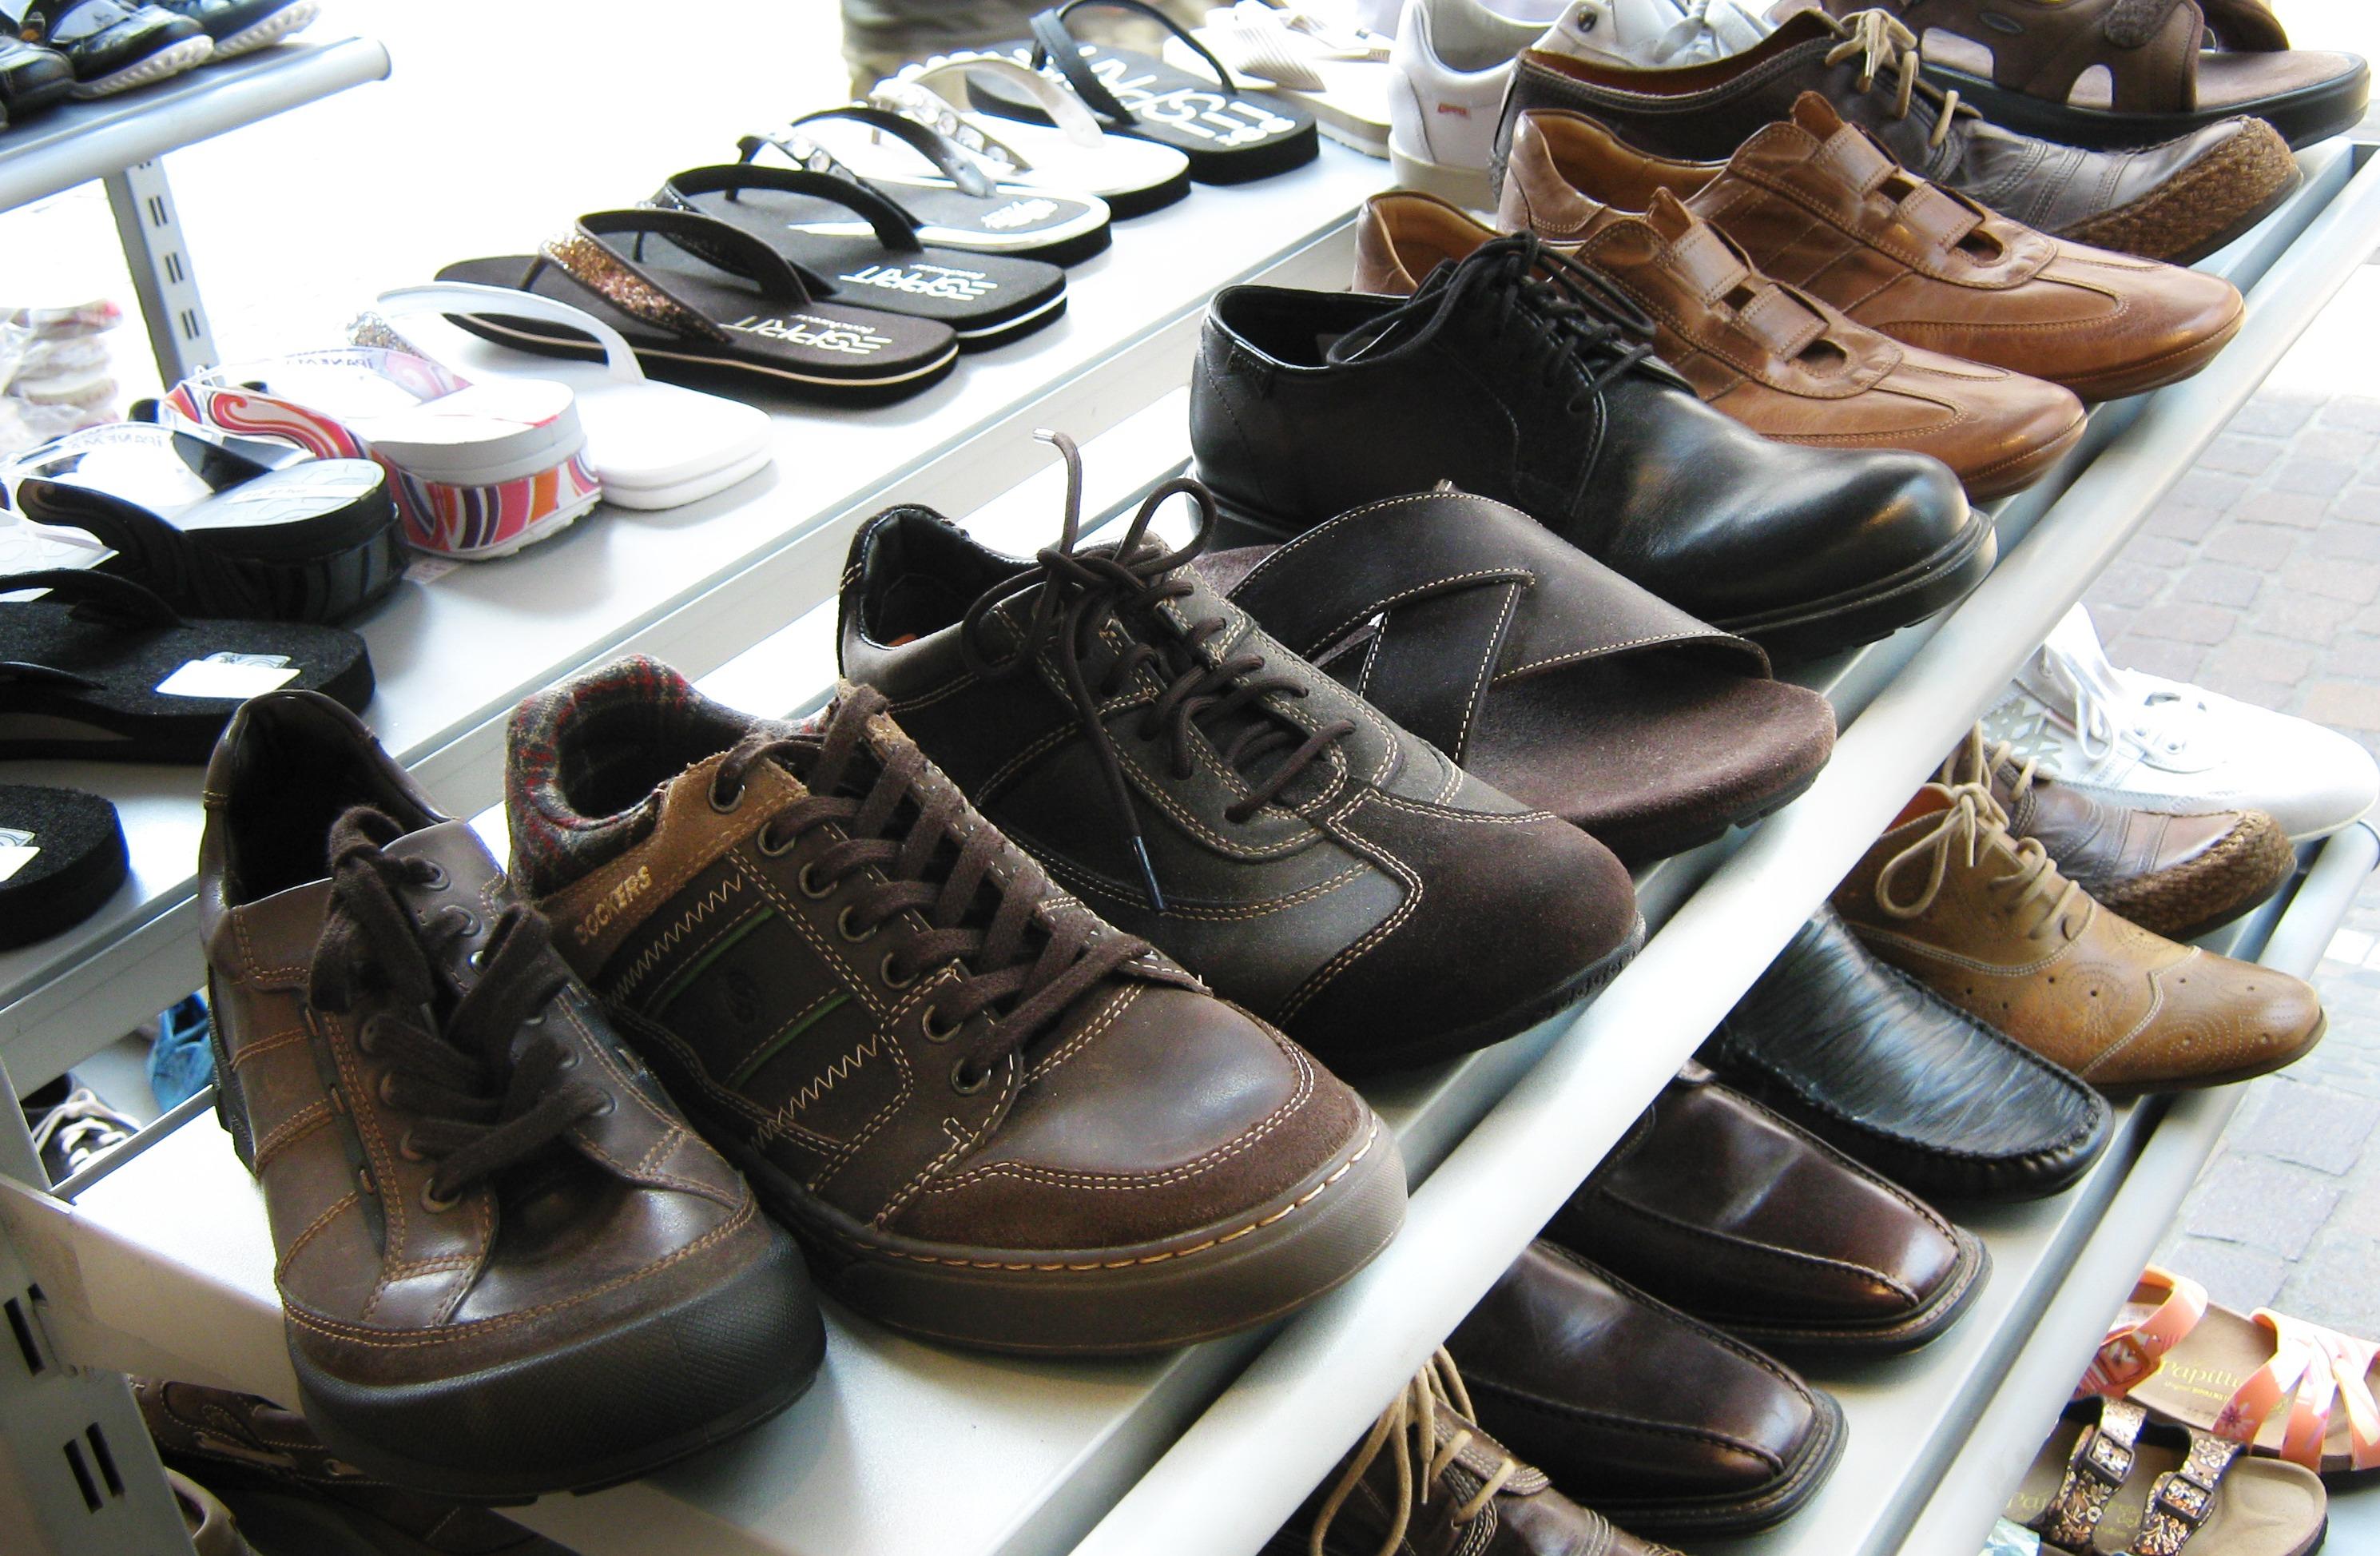 da455415e0f56b chaussure étagère lacet chaussures afficher des sandales baskets chaussure  vente présentation Chaussures d'été chaussures